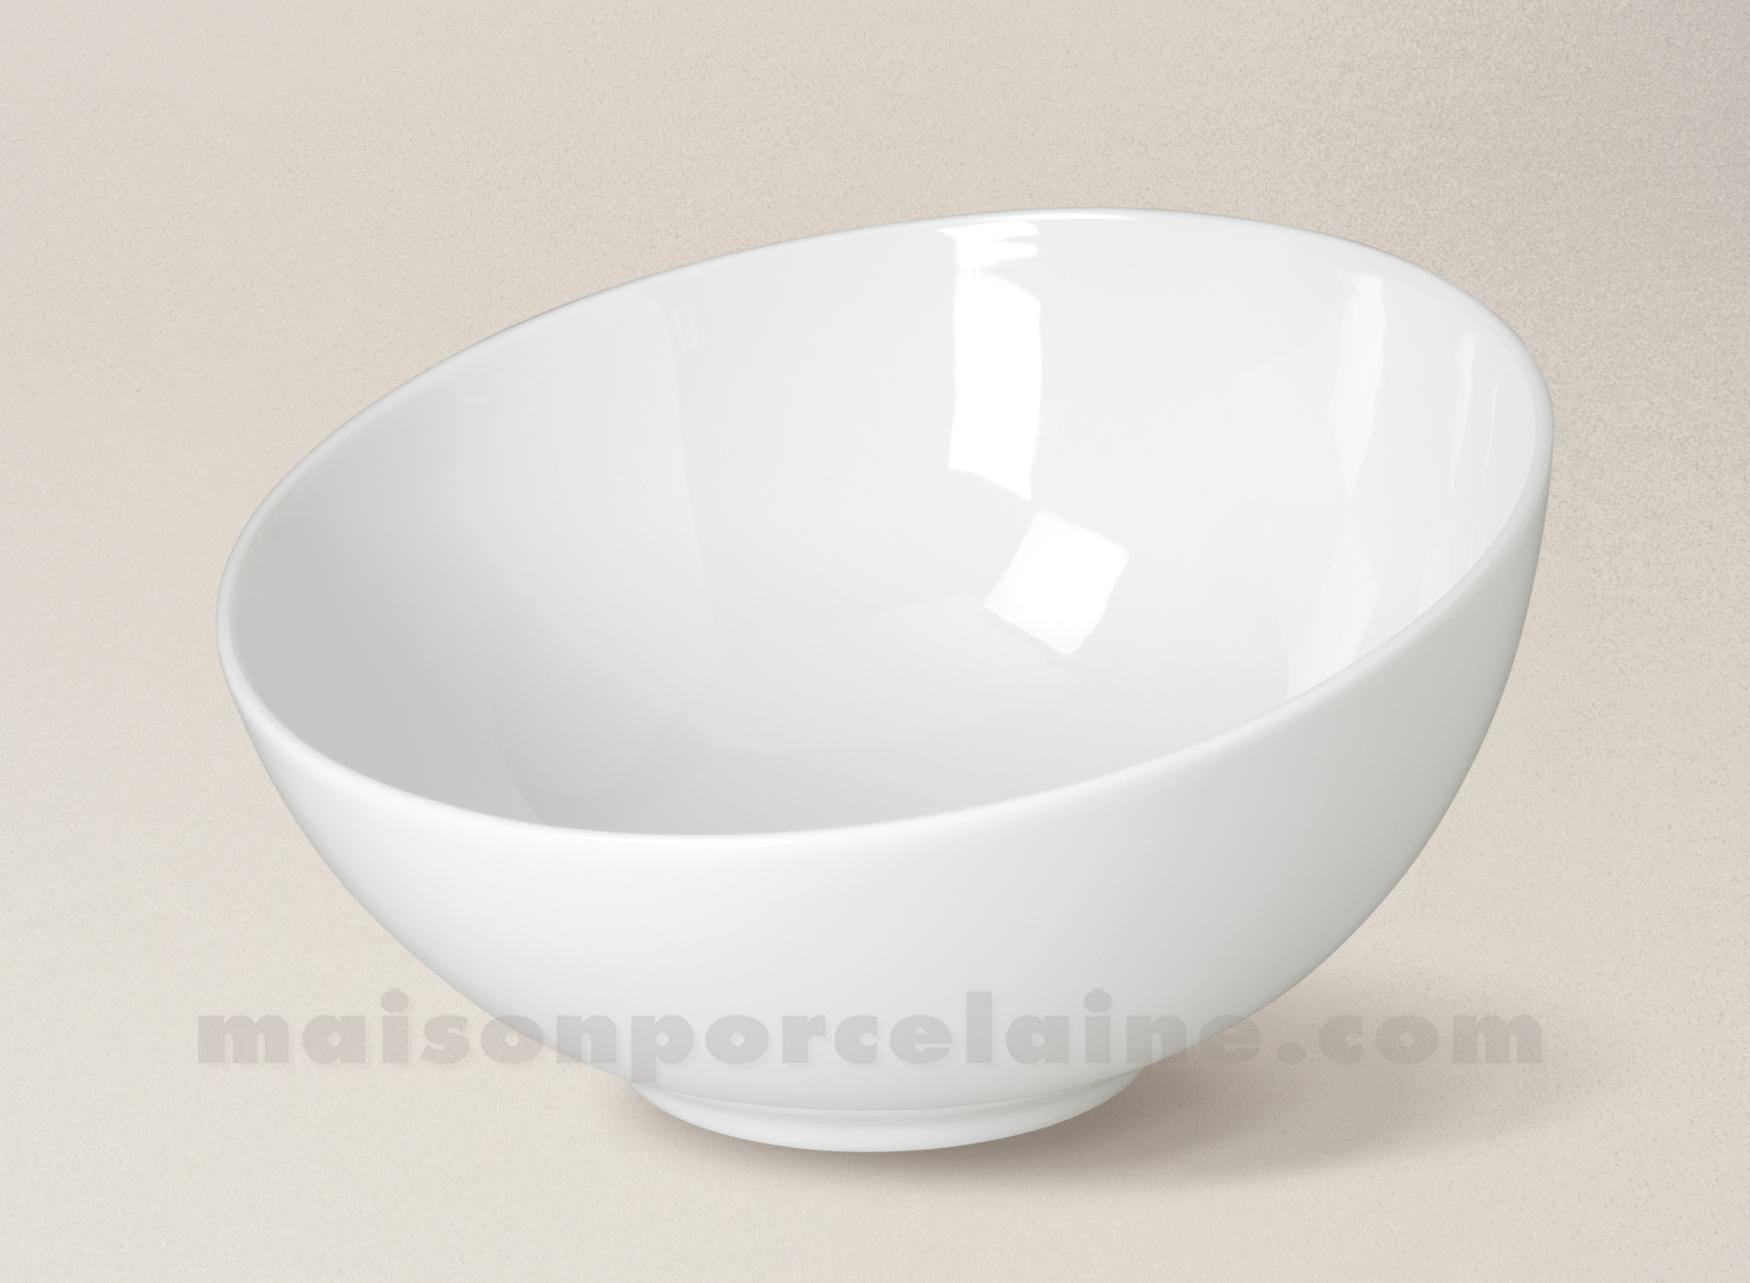 saladier porcelaine blanche coupe d21 maison de la porcelaine. Black Bedroom Furniture Sets. Home Design Ideas